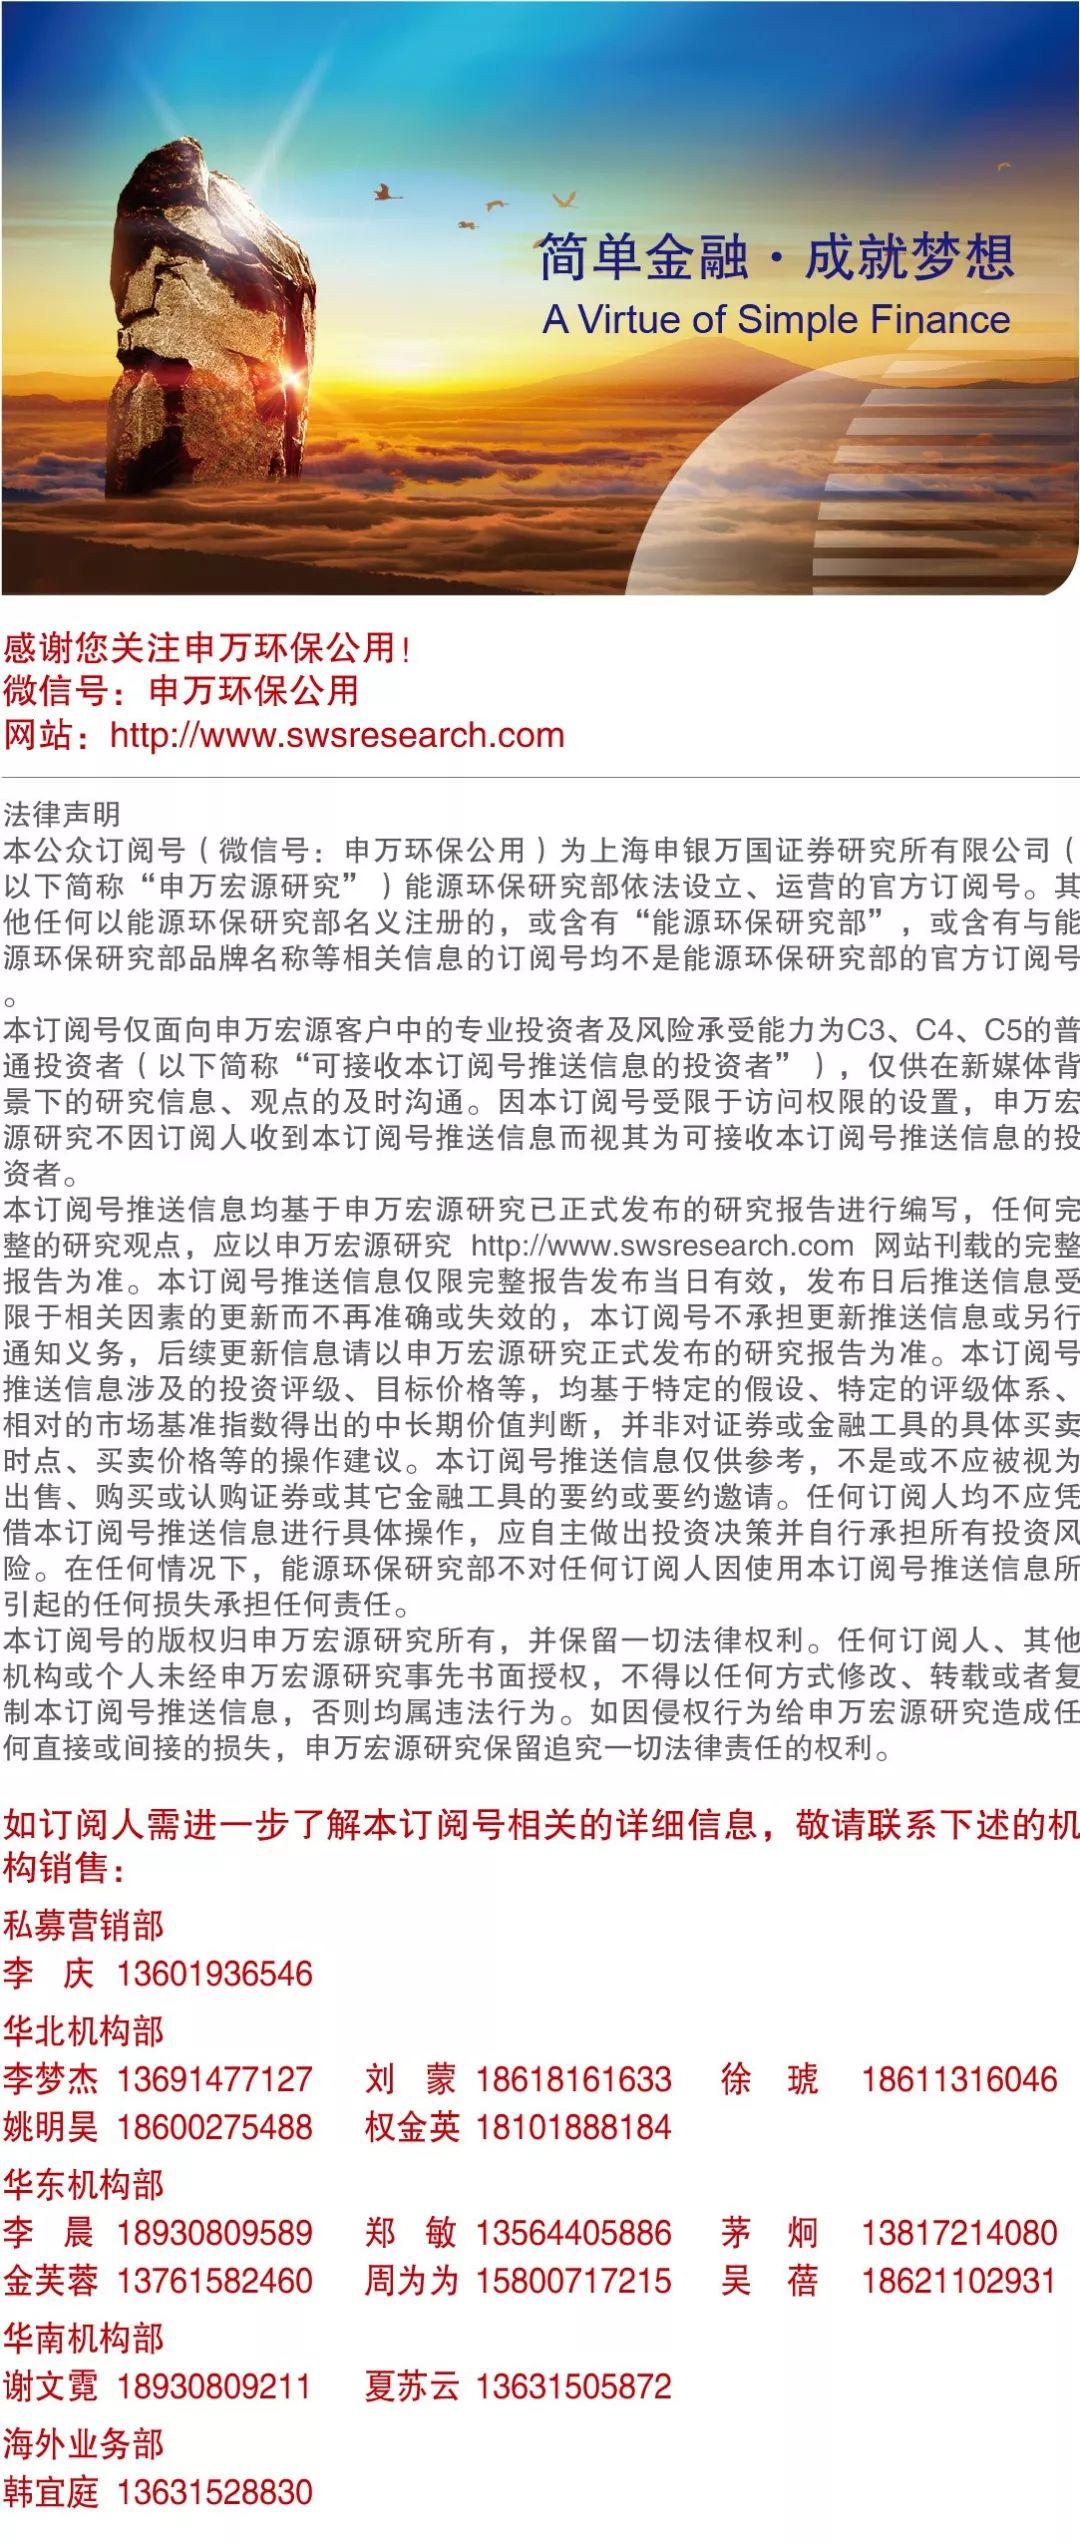 【申万公用环保】韶能股份(000601)三季报业绩大增 投资氢能源项目拓展产业链